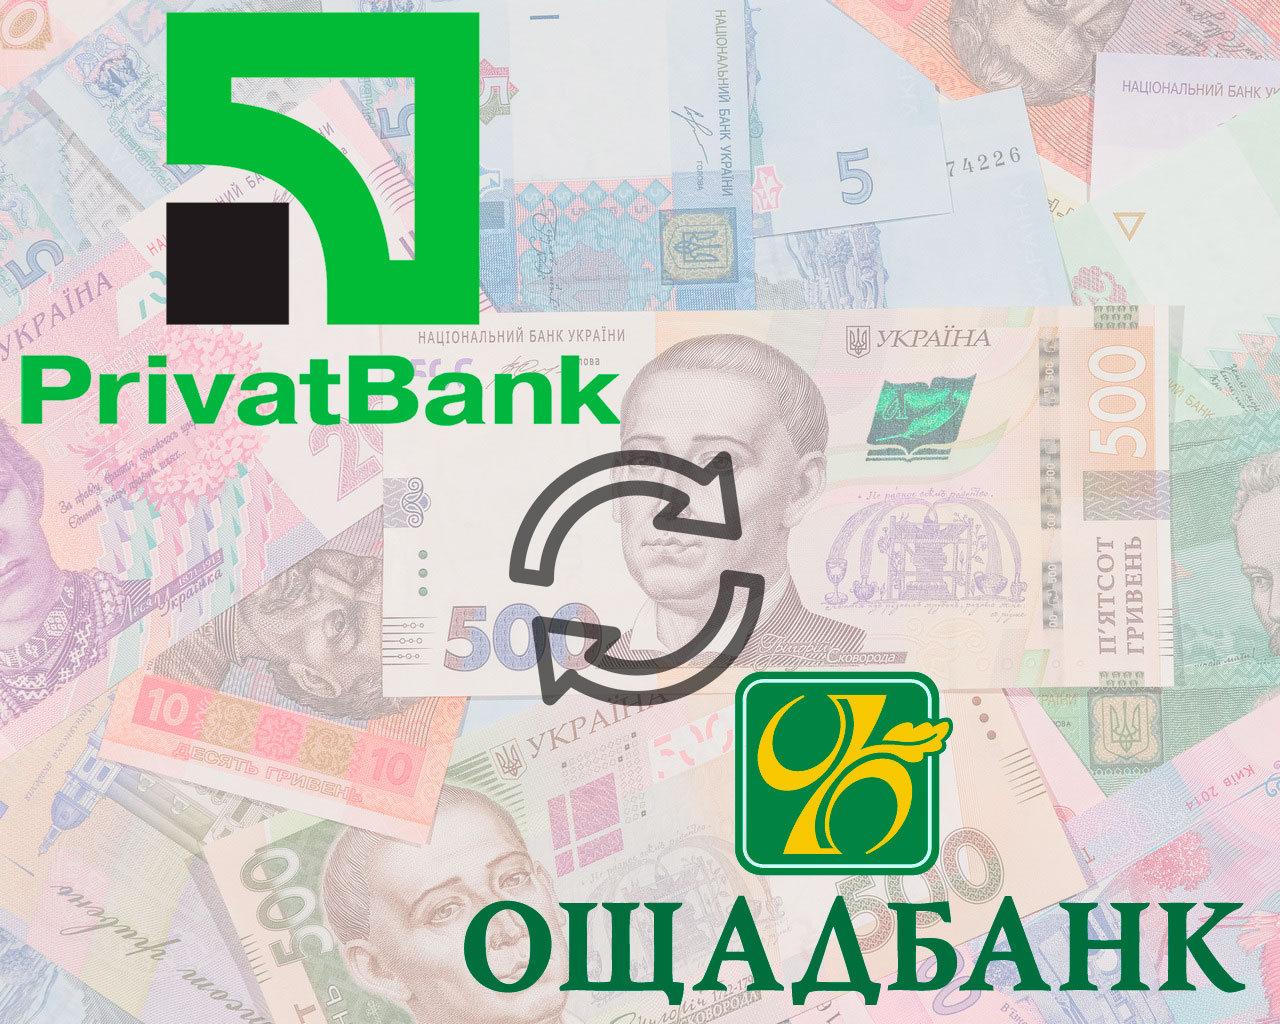 Перевести деньги с Привата на Ощадбанк без комиссии: как пополнить карту ПриватБанка и Ощадбанка перевод с карты на карту Украина fdlx фото 2019 2020